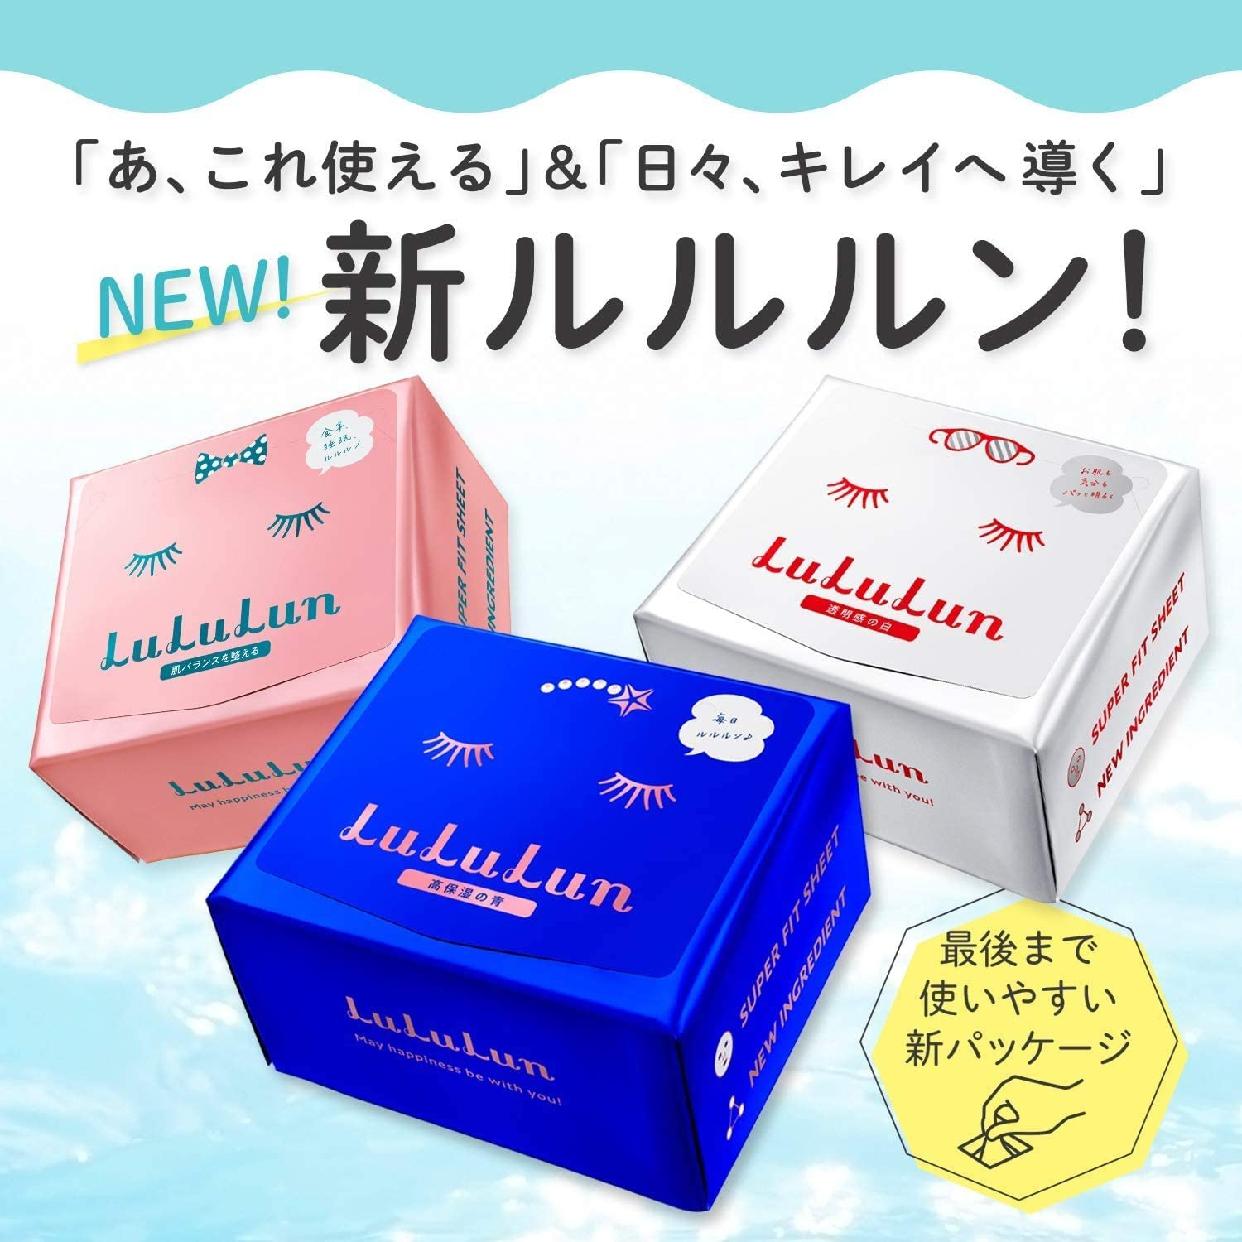 LuLuLun(ルルルン) 青のルルルン もっちり高保湿タイプの商品画像6